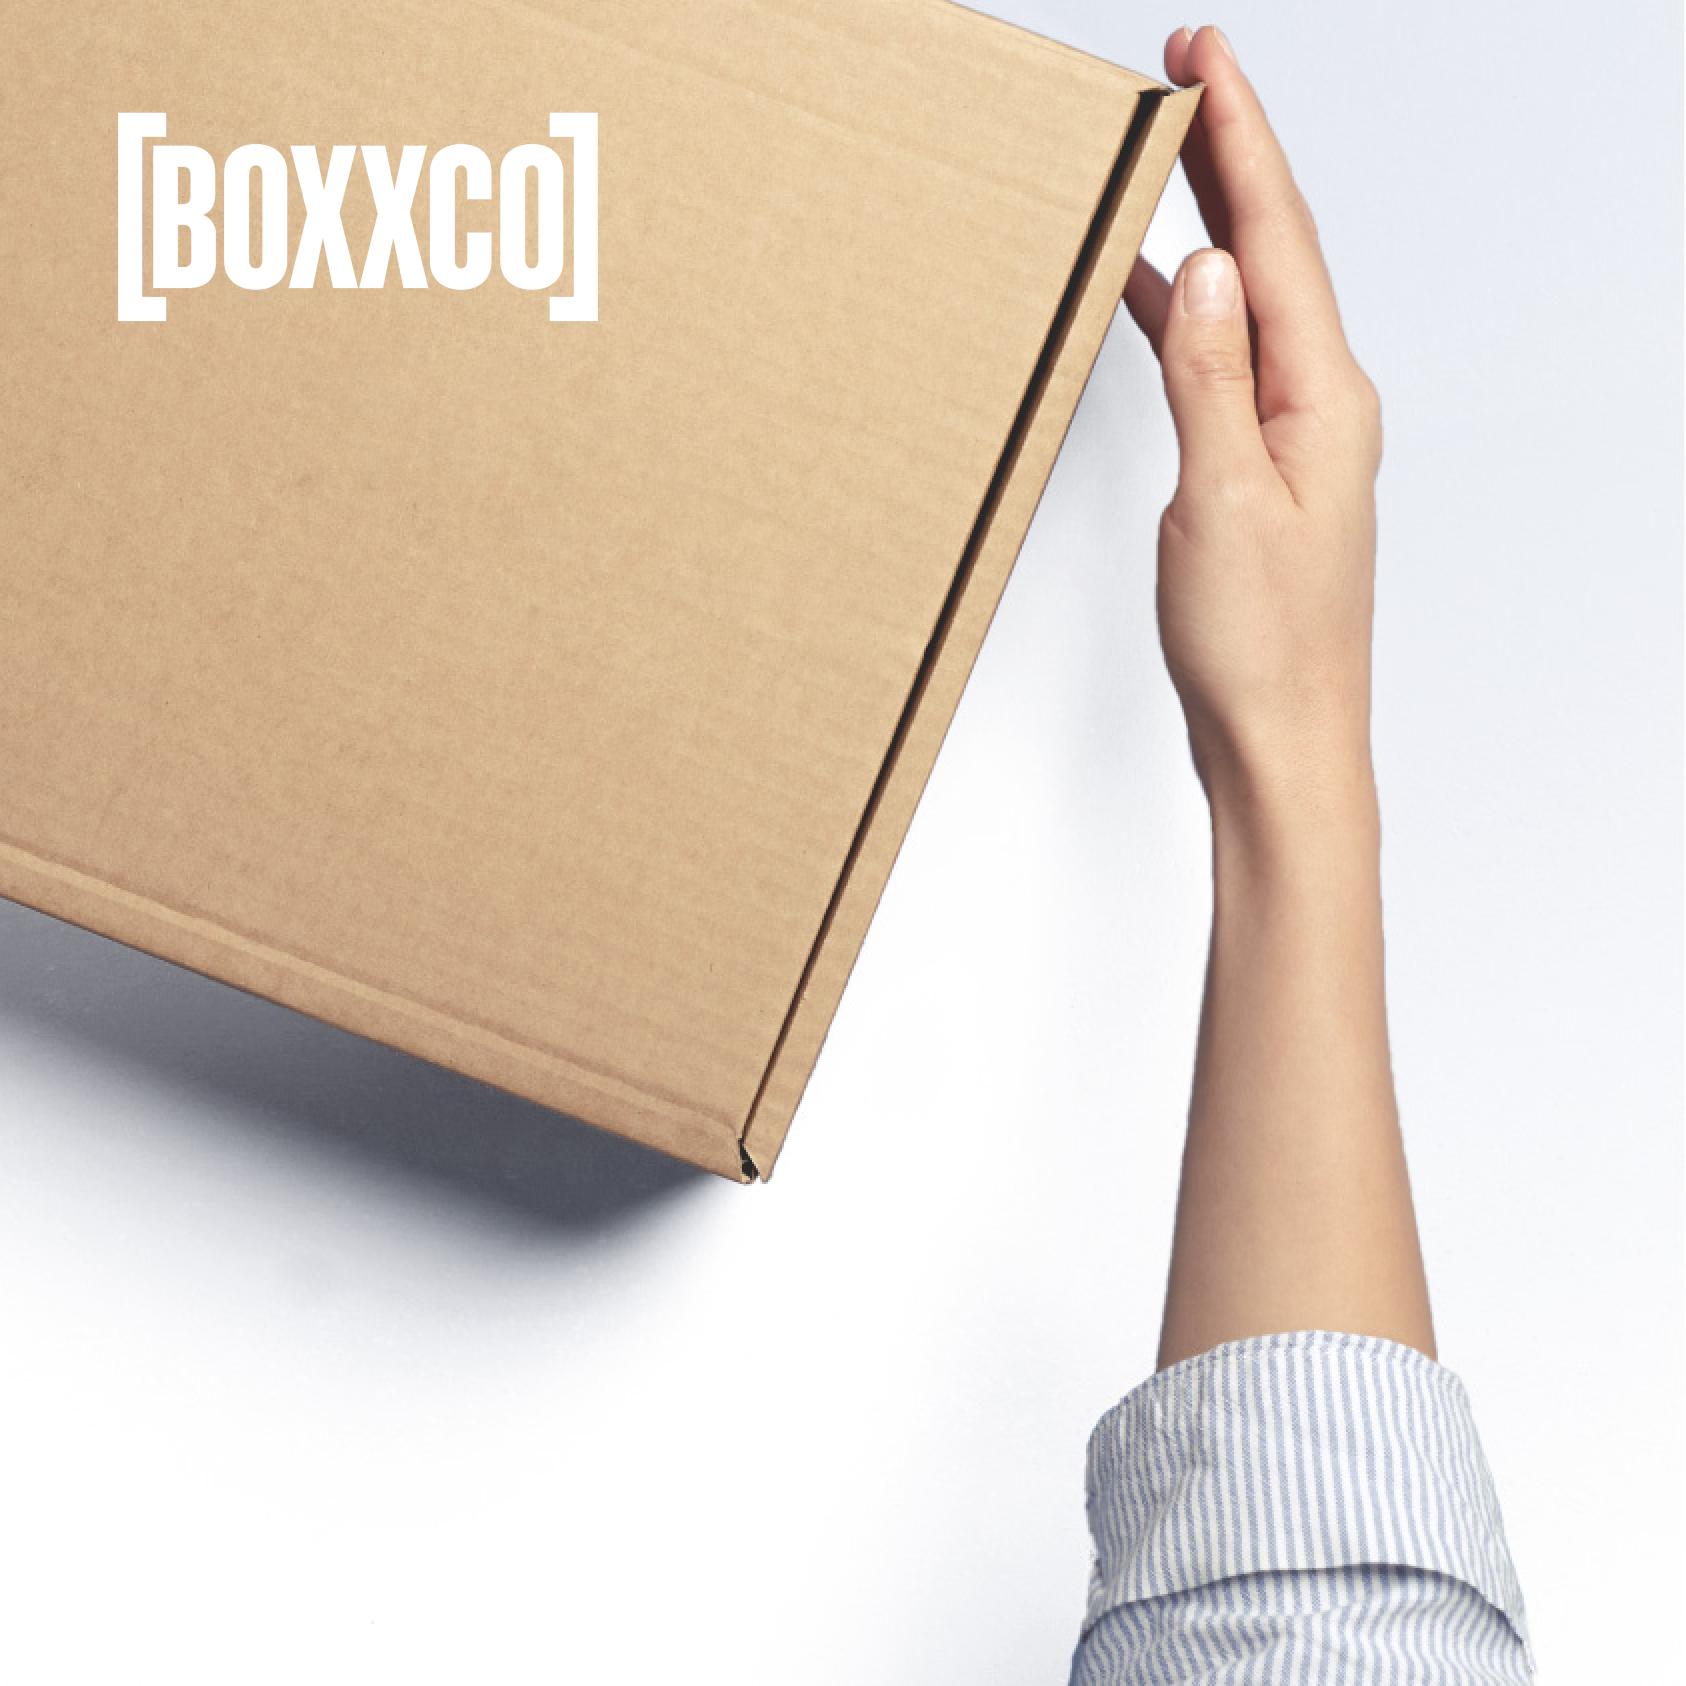 [Boxxco] Case Study